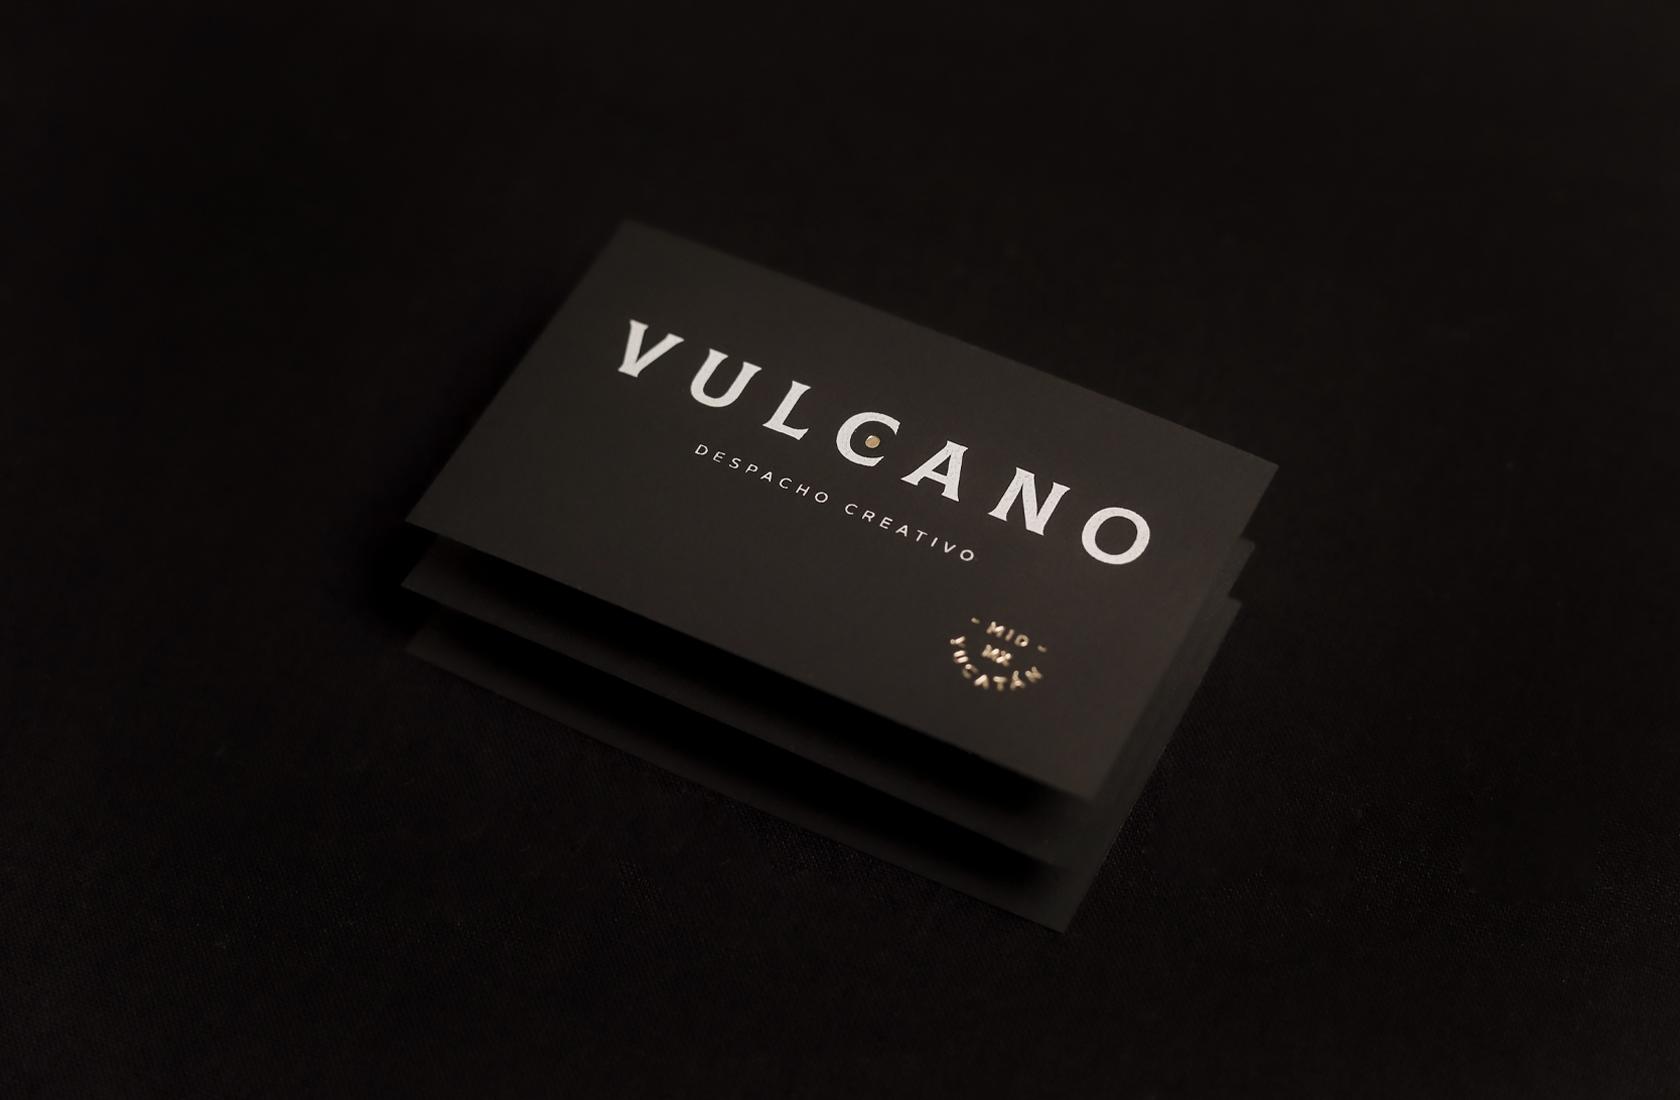 VULCANO-4